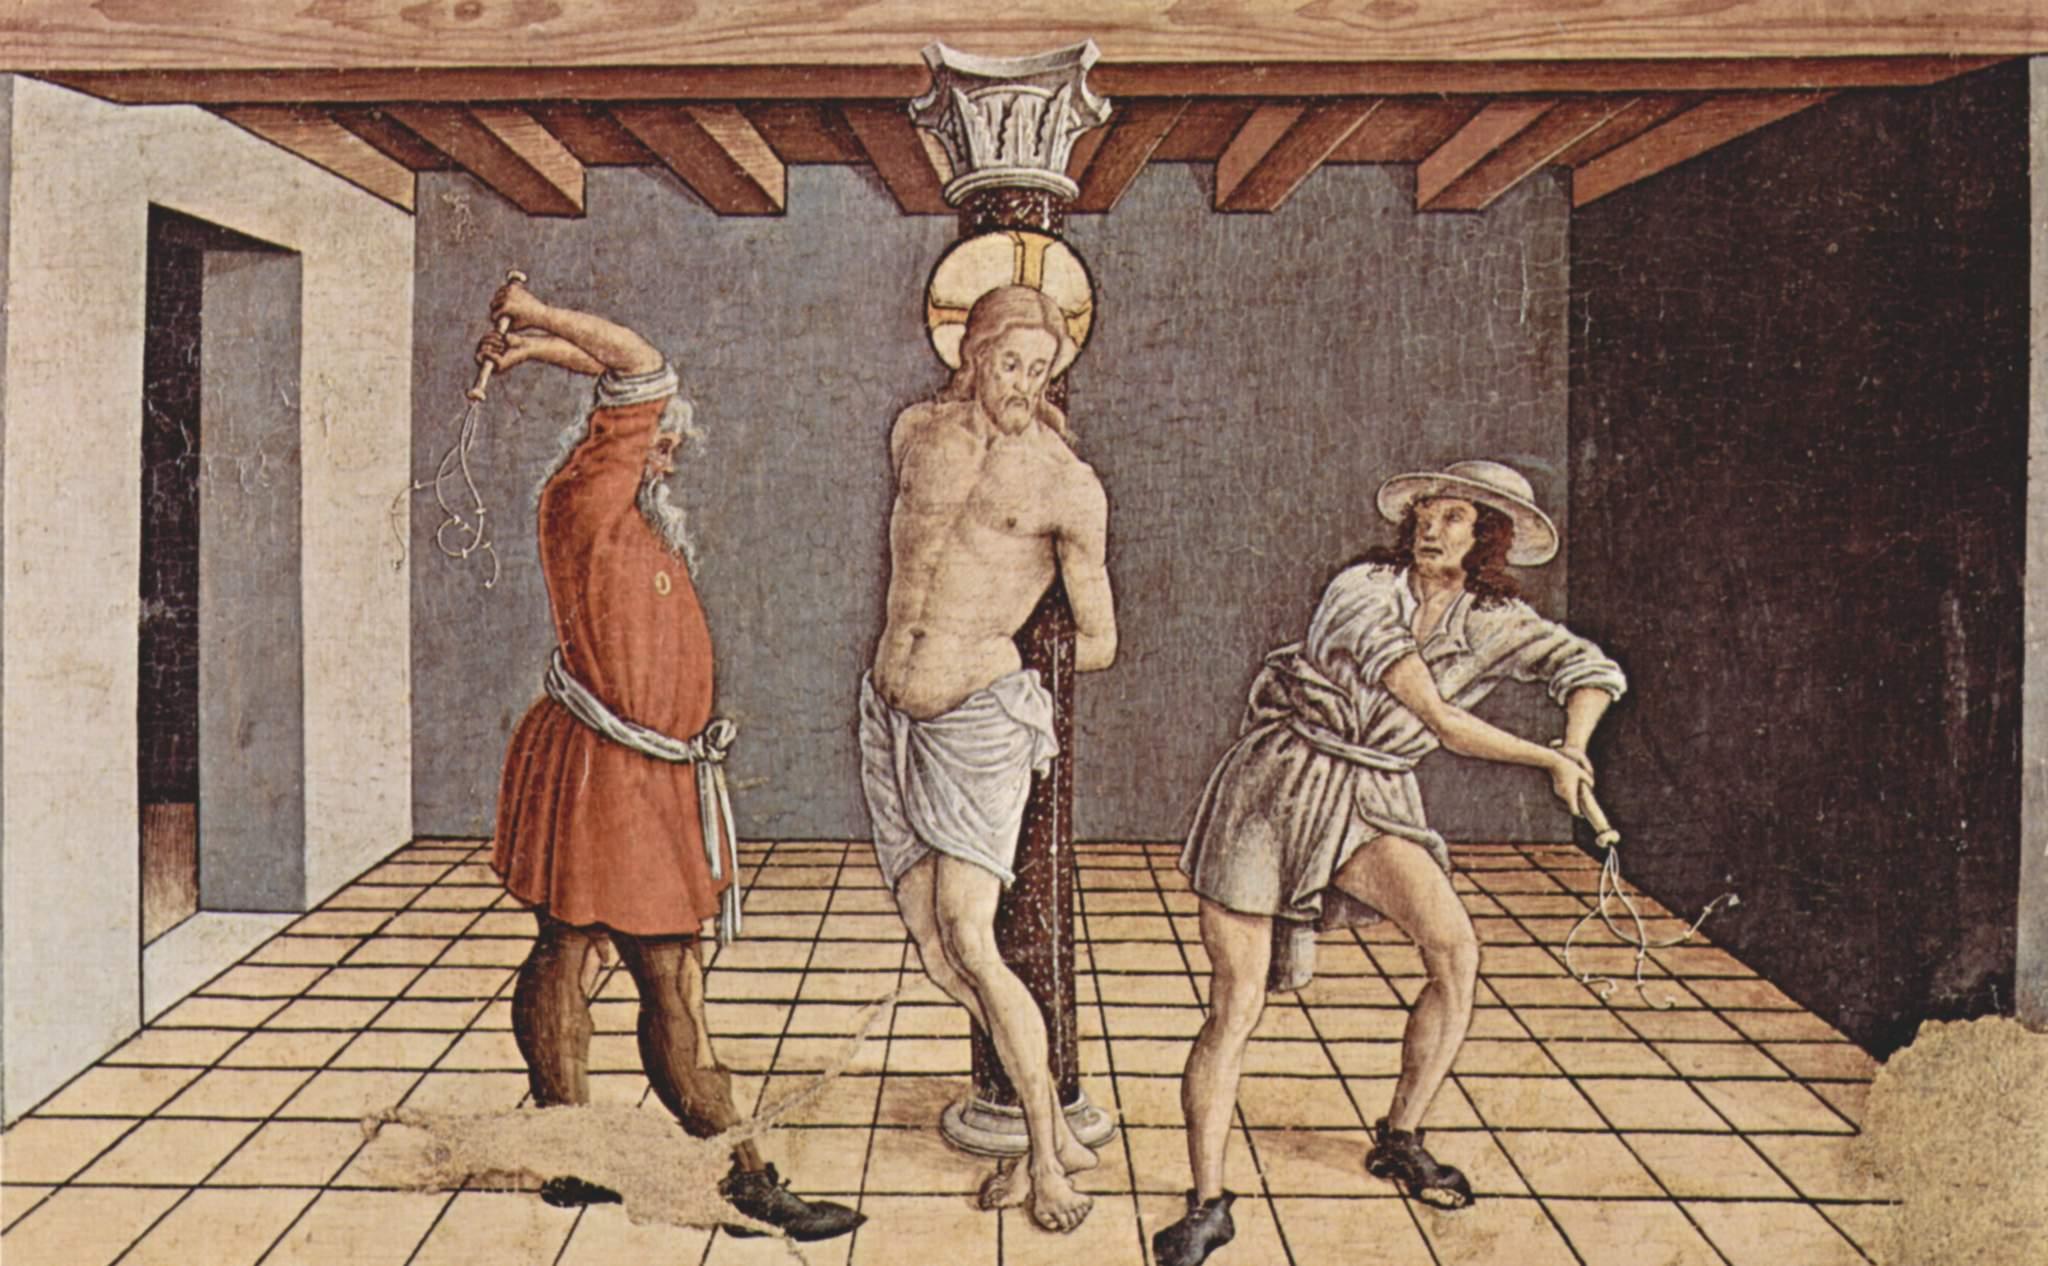 De l'utilit de la flagellation - J-H Meibomius